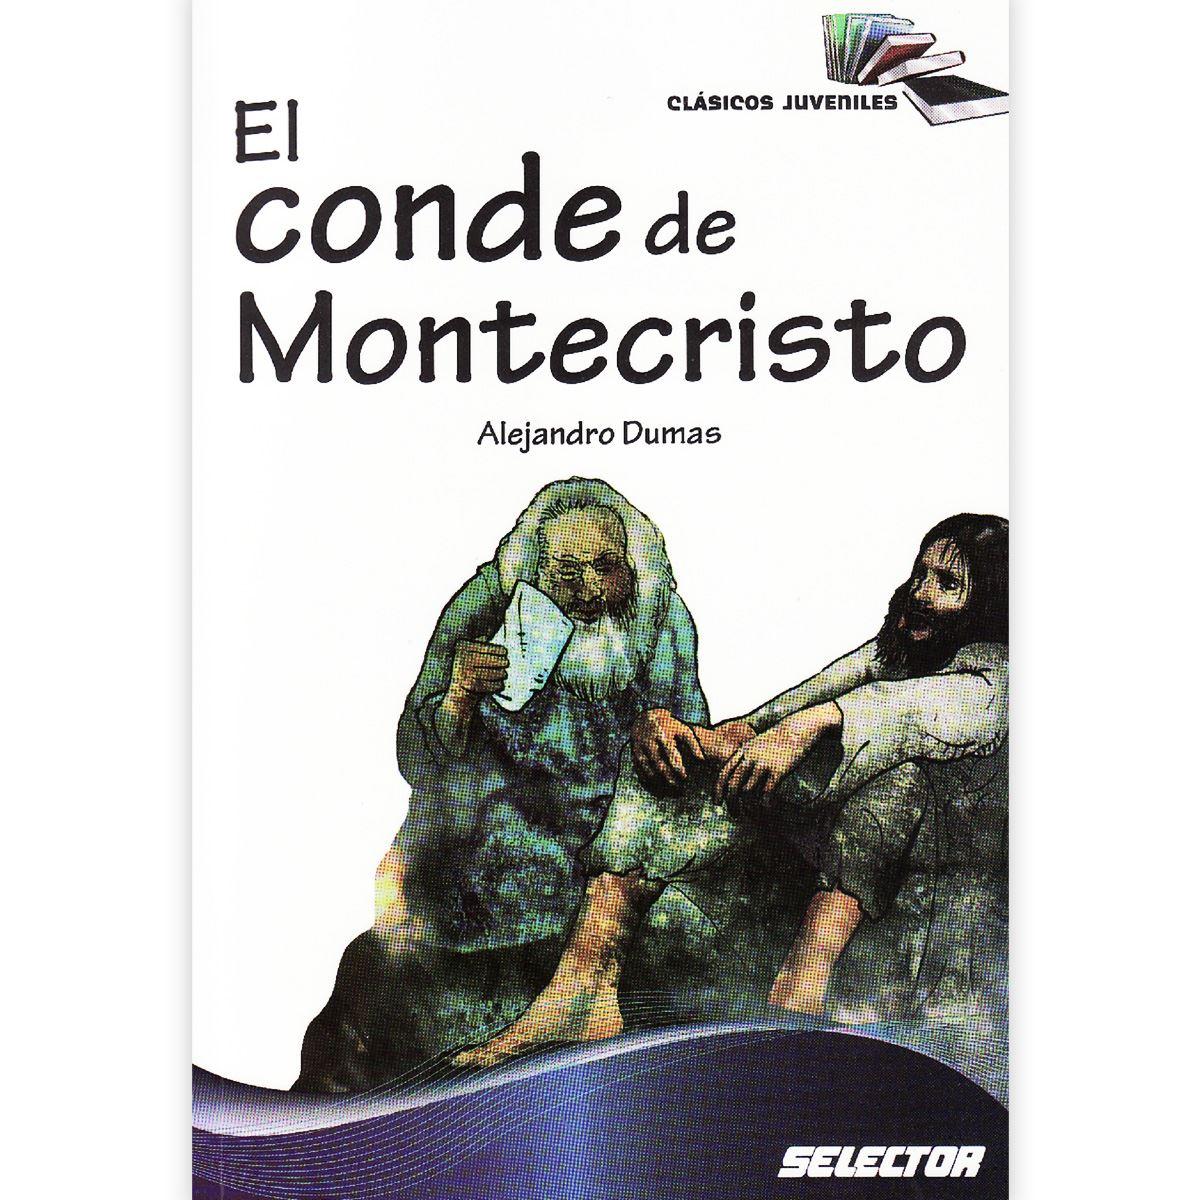 El conde de montecristo Libro - Sanborns